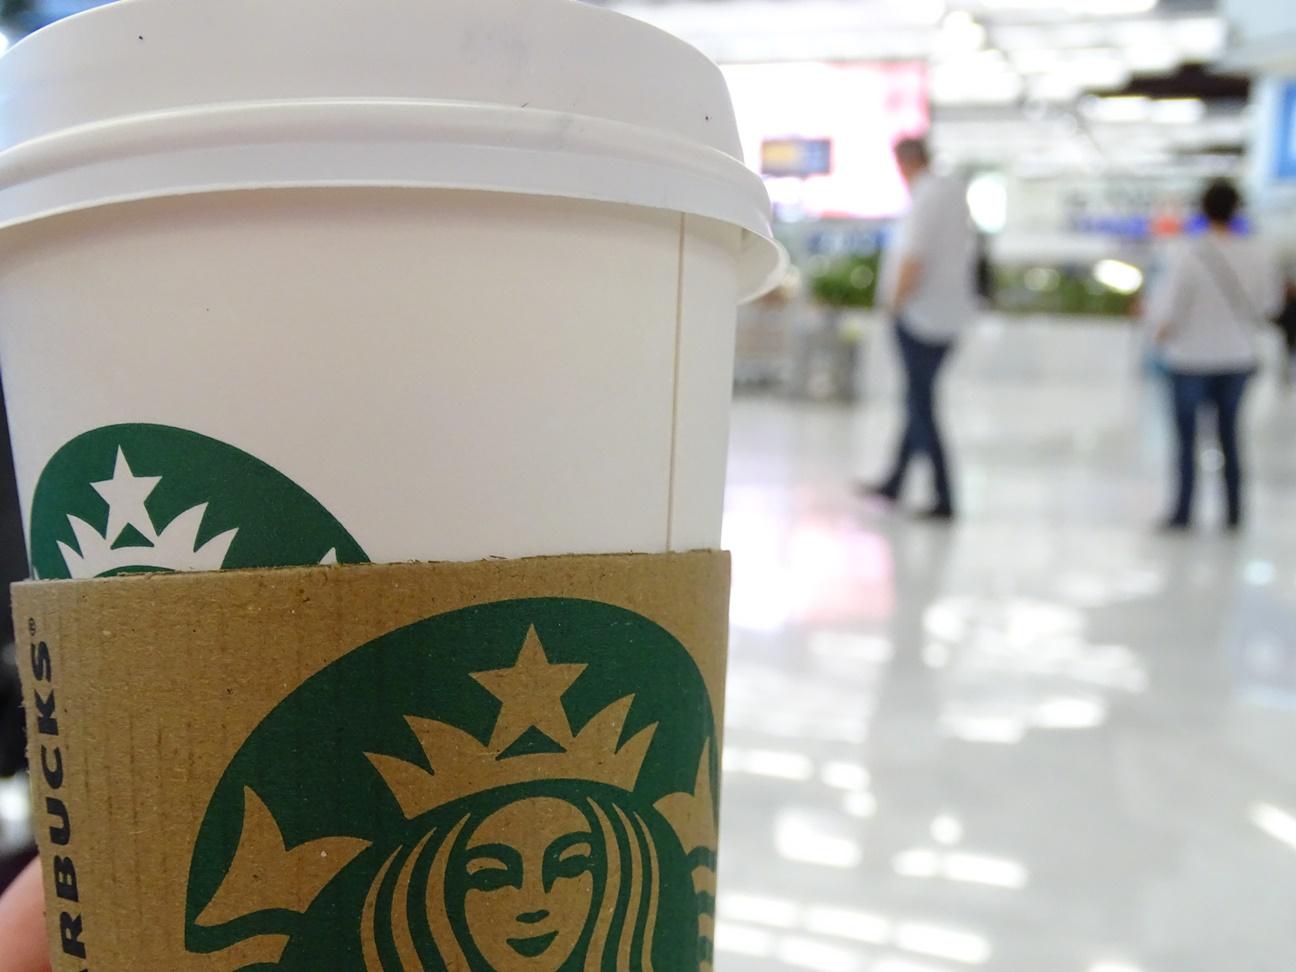 Pour quand est donc prévue l'ouverture d'un Starbucks à l'aéroport de Bordeaux ?